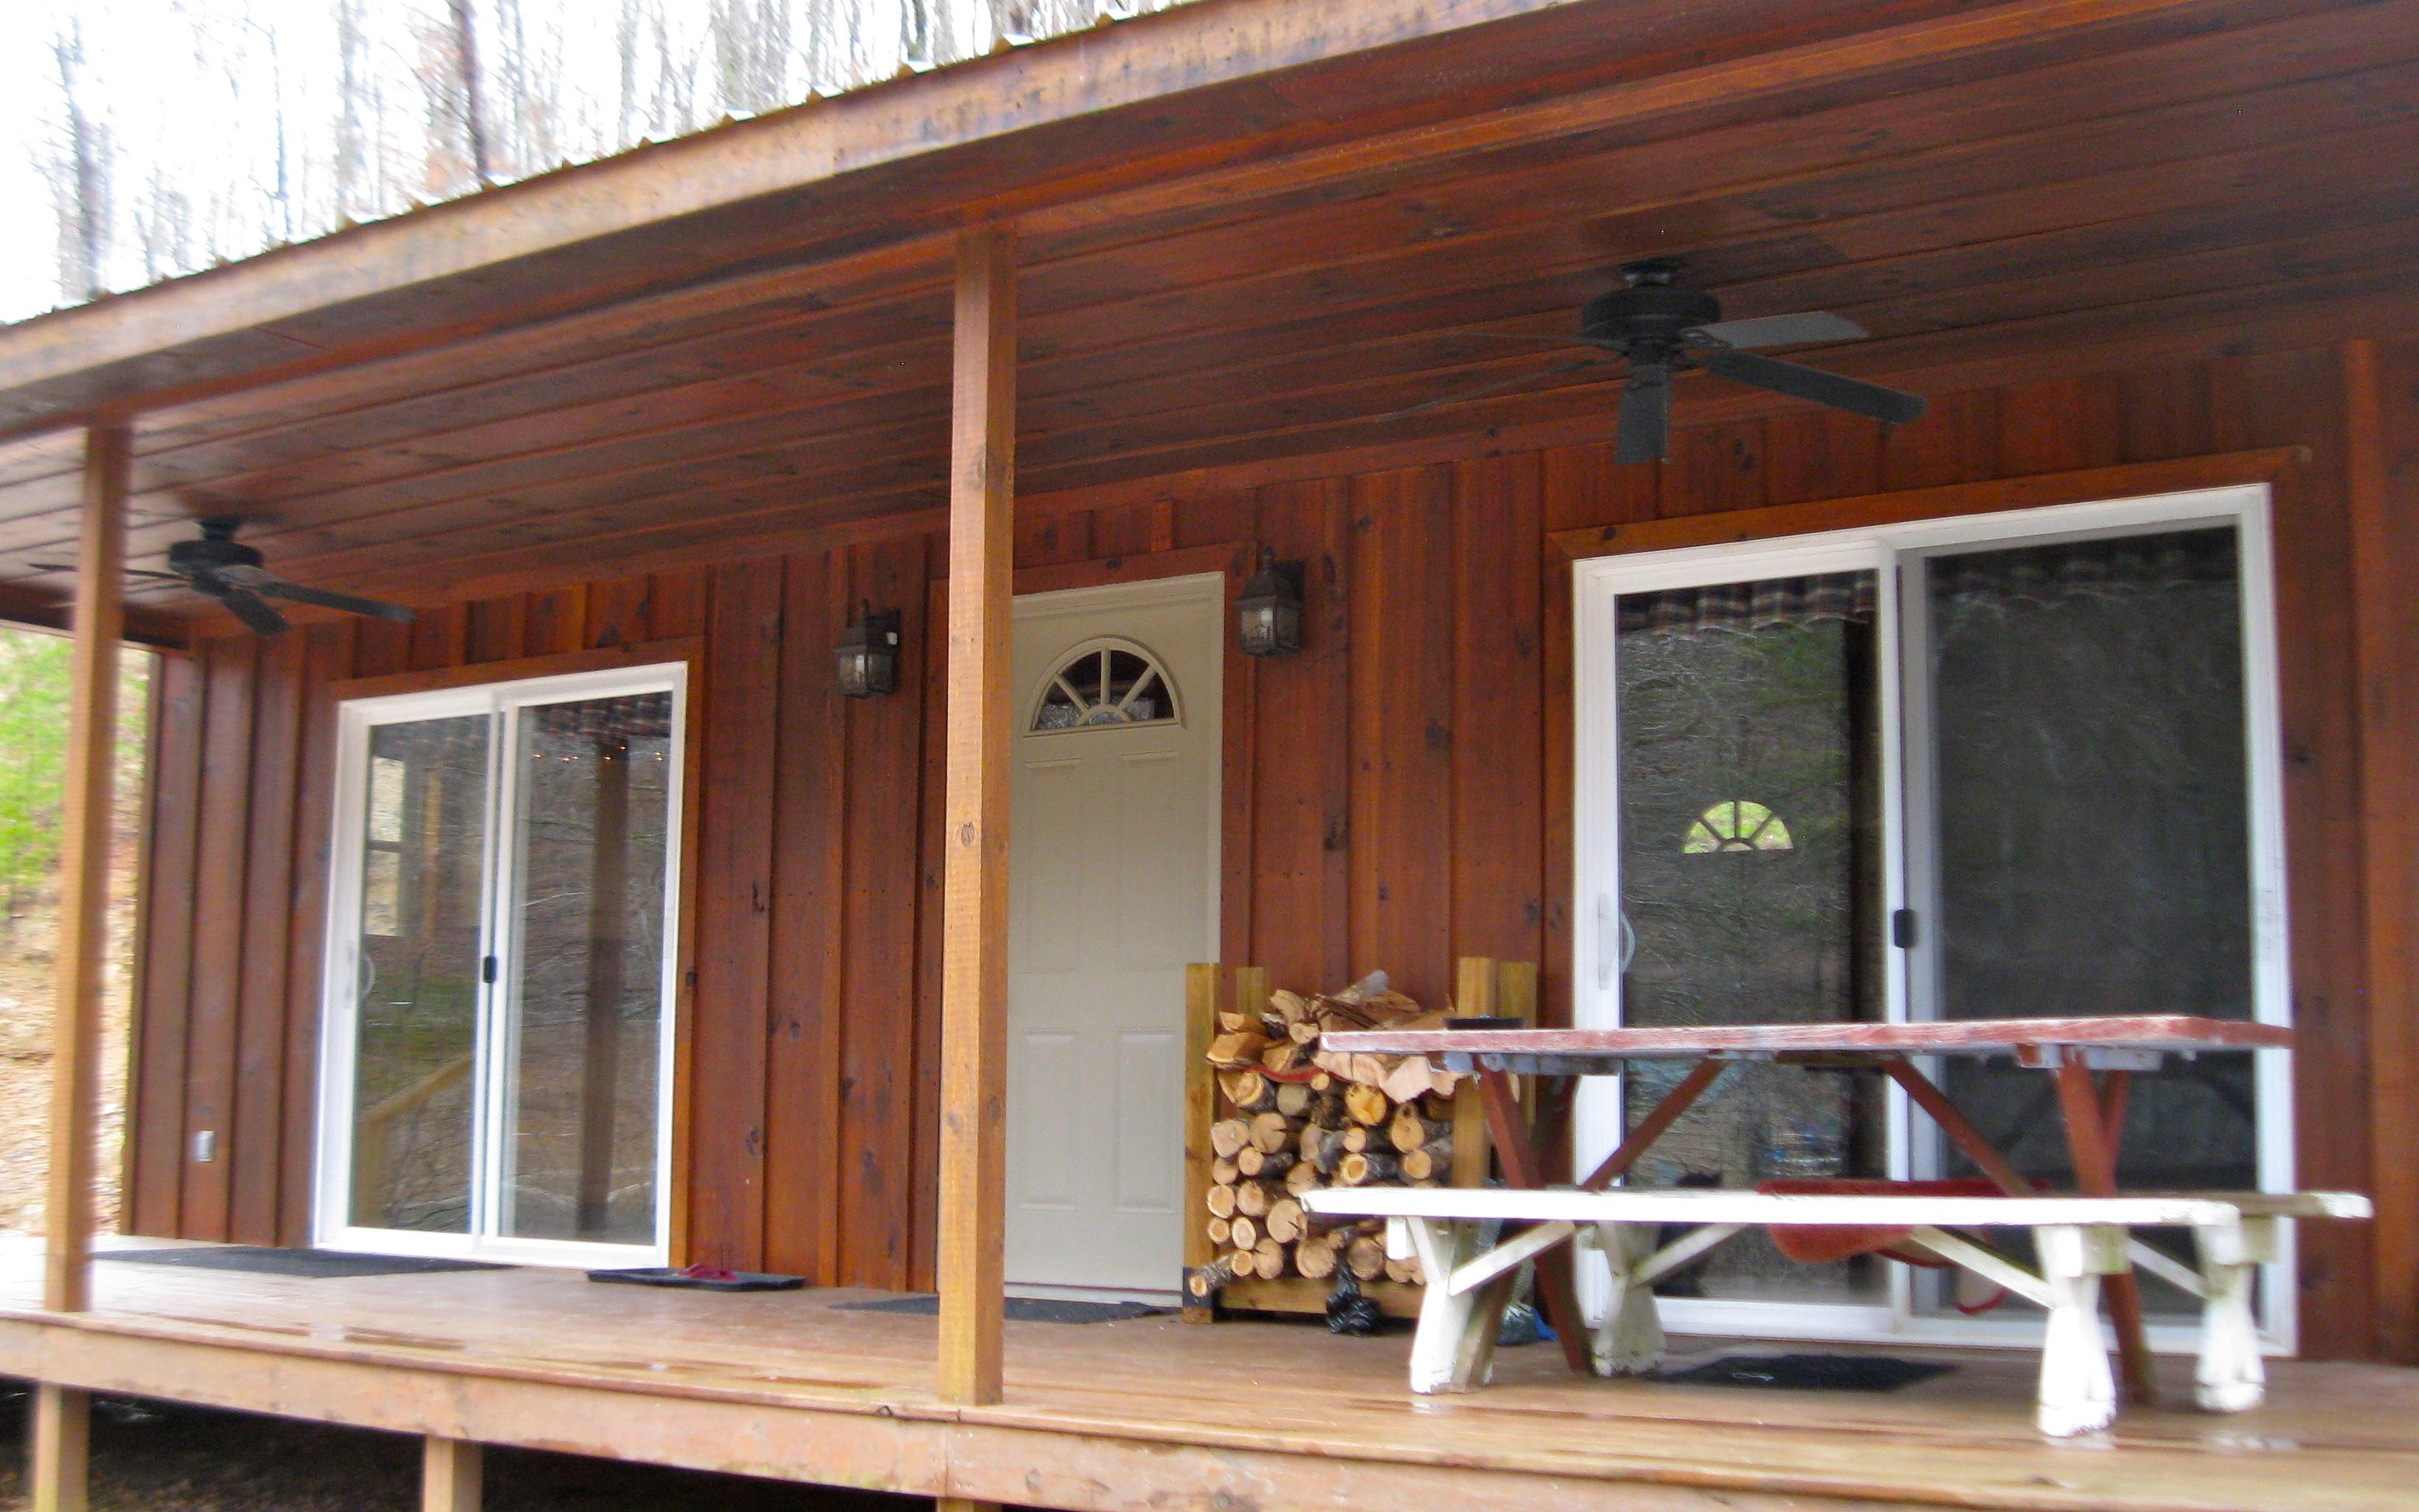 The Jordan Cabin Natural Bridge Cabin